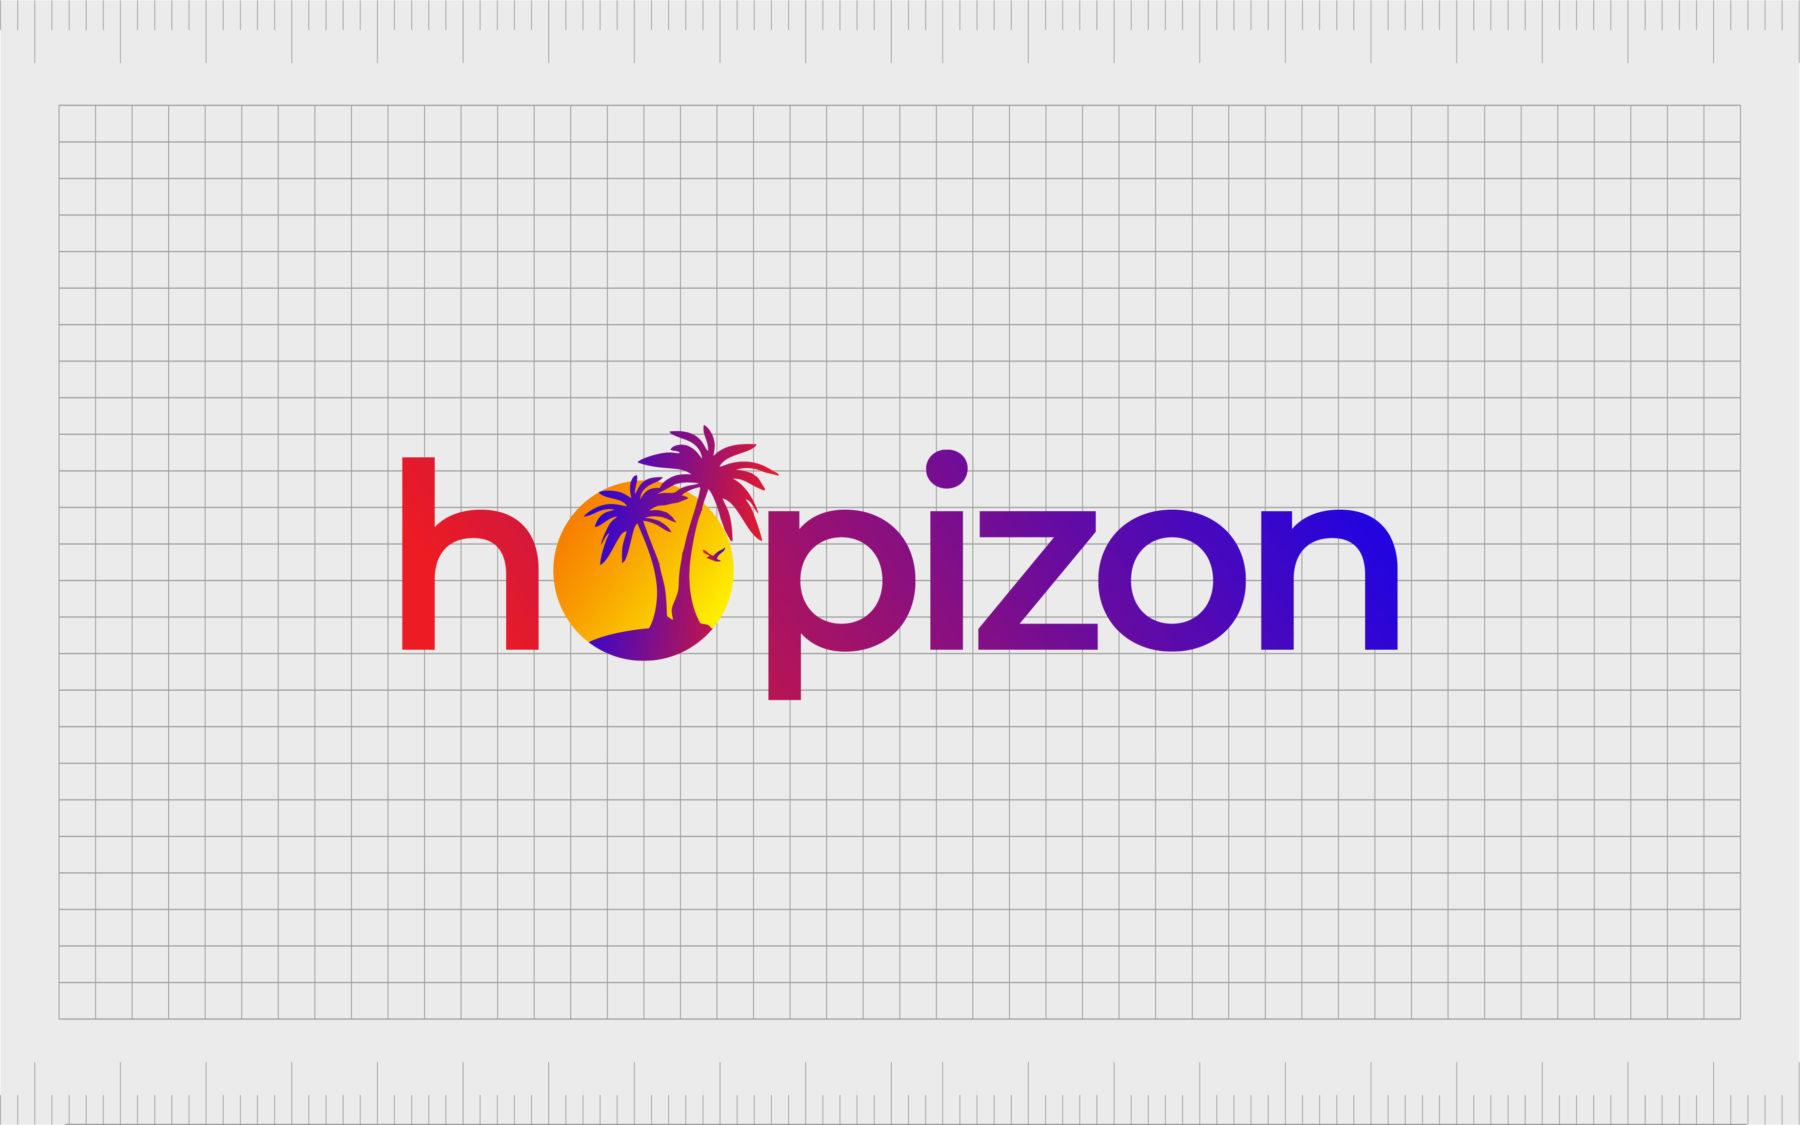 Hopizon